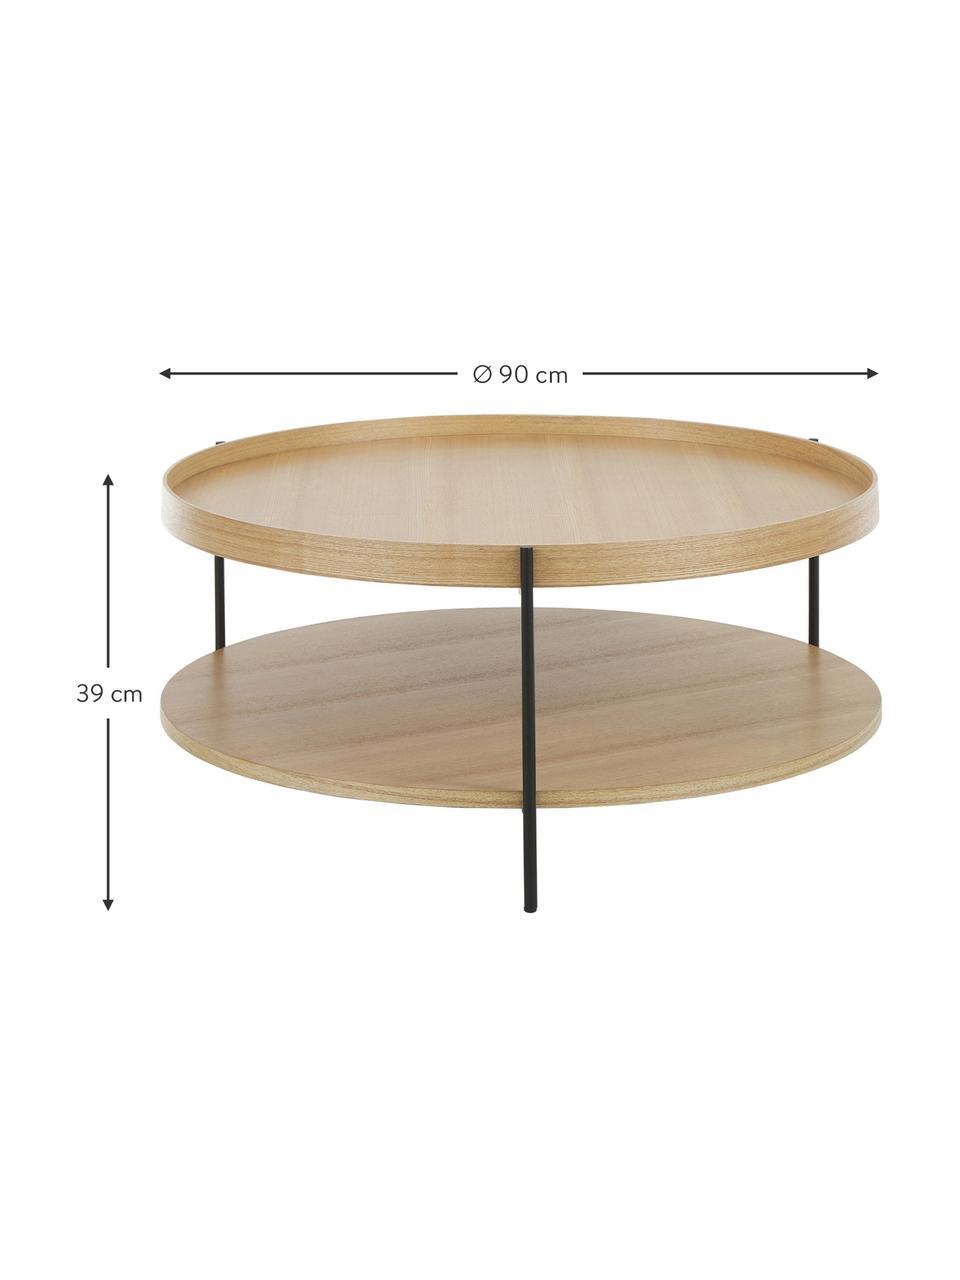 Tavolino da salotto con piano d'appoggio Renee, Ripiani: pannello di fibra a media, Struttura: metallo verniciato a polv, Legno di frassino, Ø 90 x Alt. 39 cm